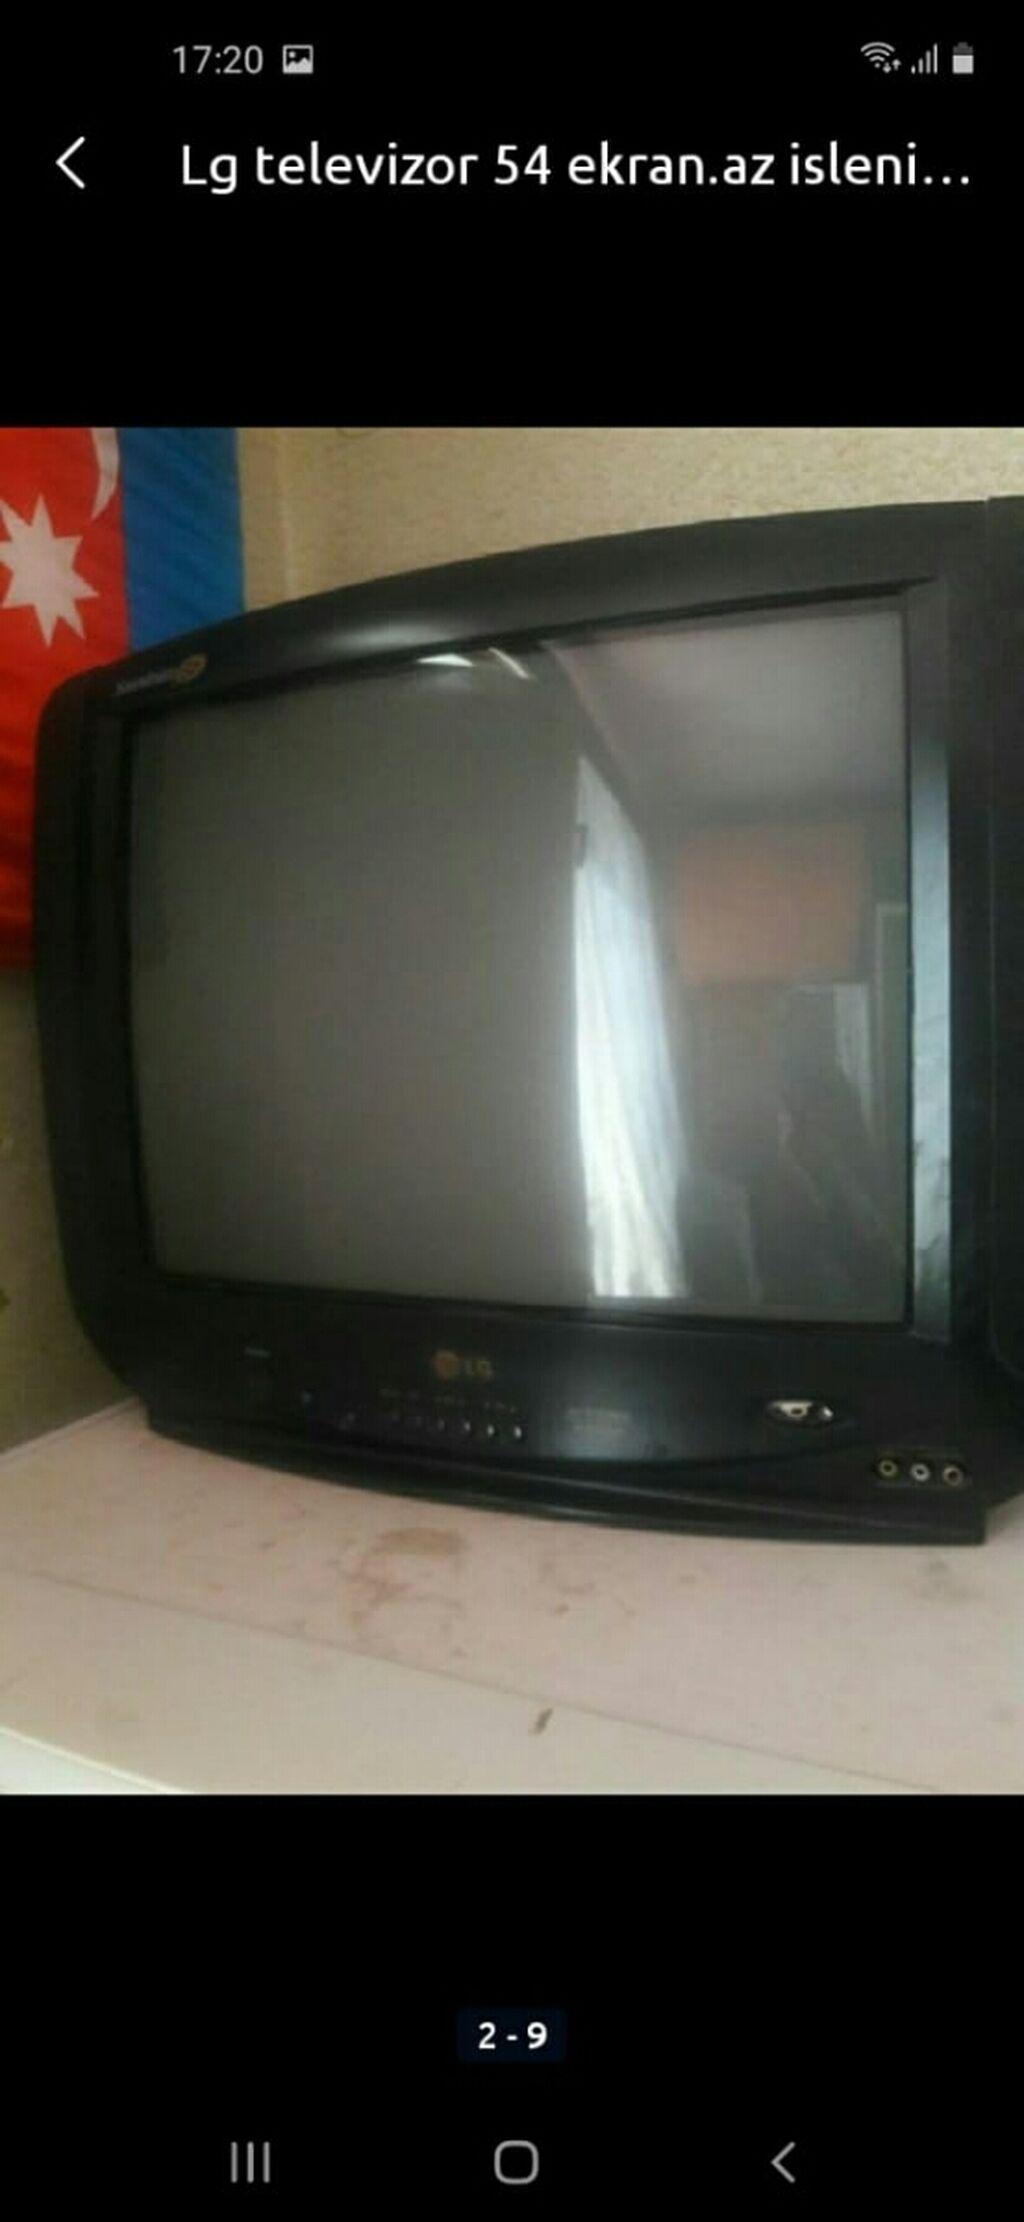 54 ekran lg tv satilir.50manata satilir: 54 ekran lg tv satilir.50manata satilir